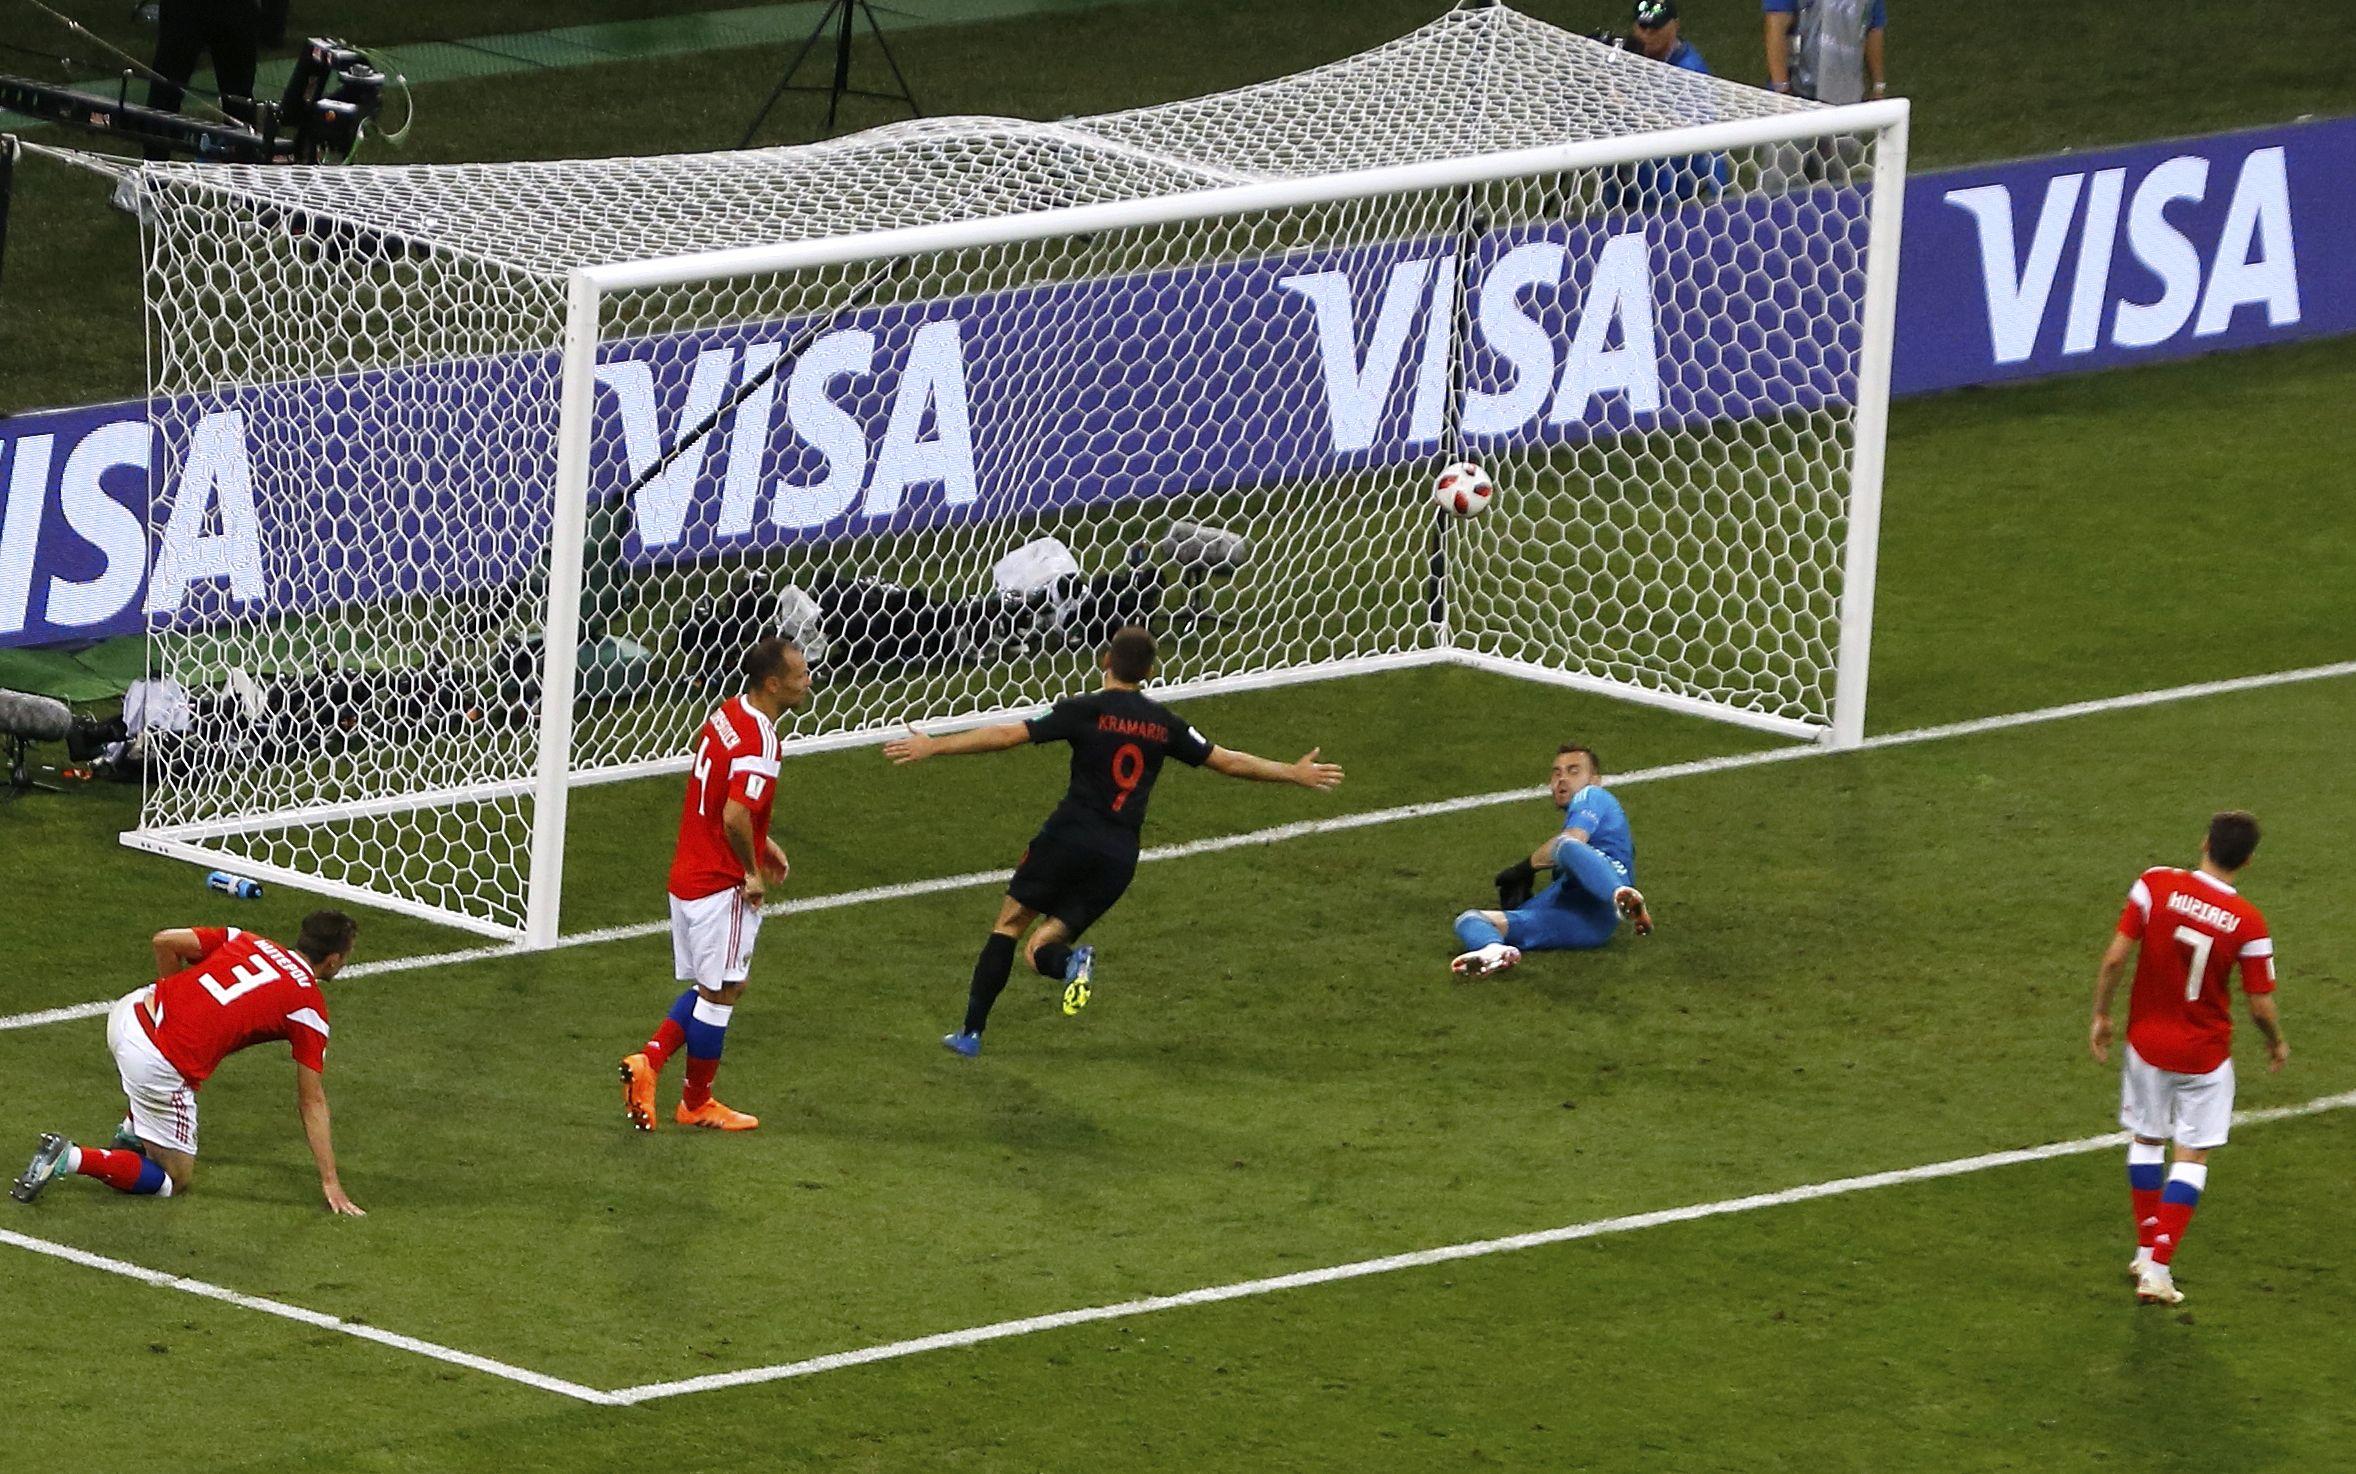 Resultados de las finales de la Copa Mundial